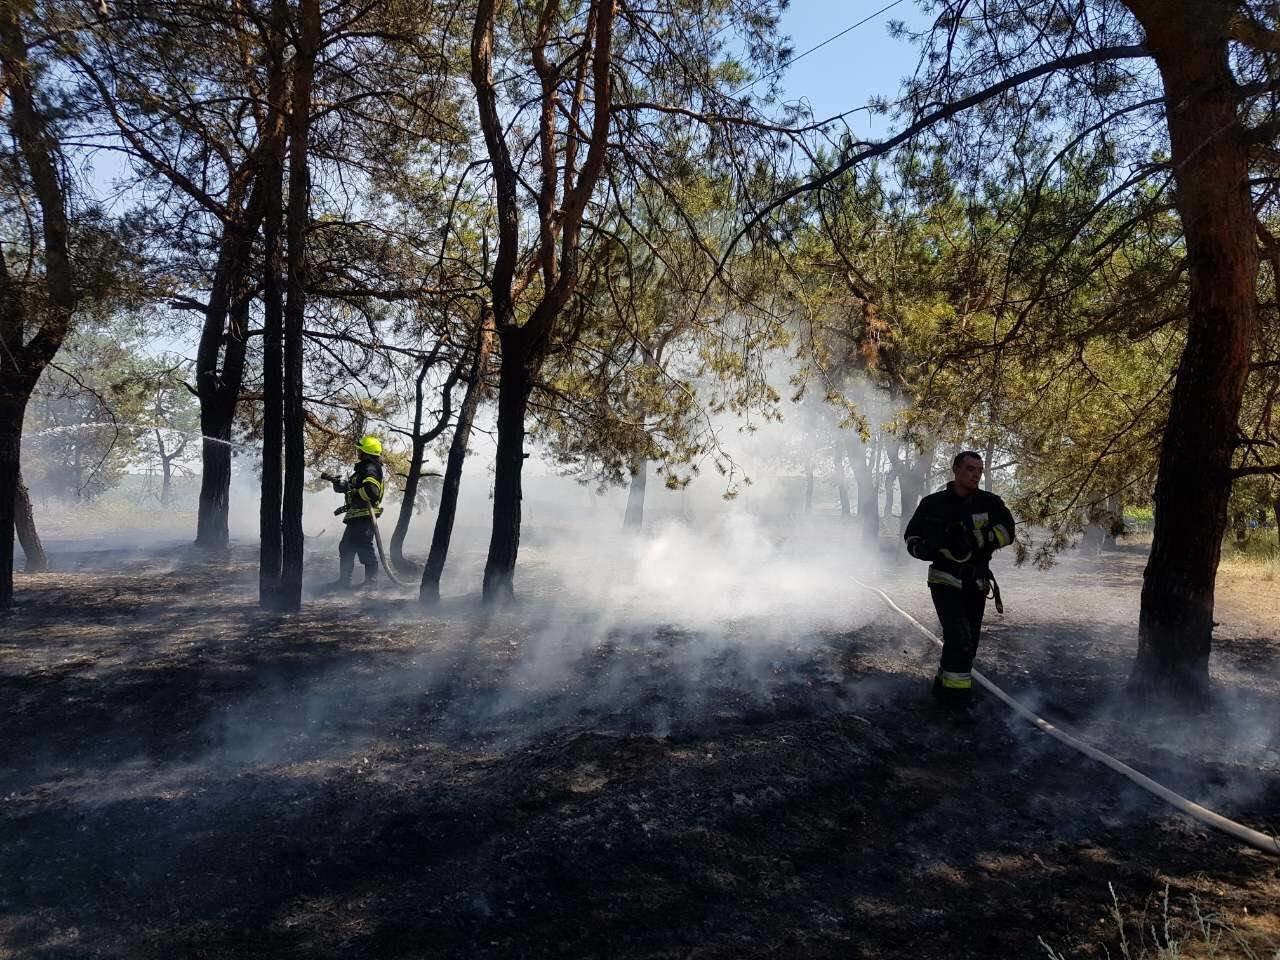 В Днепре горел хвойный лес: едва не пострадали люди, - ФОТО, фото-2